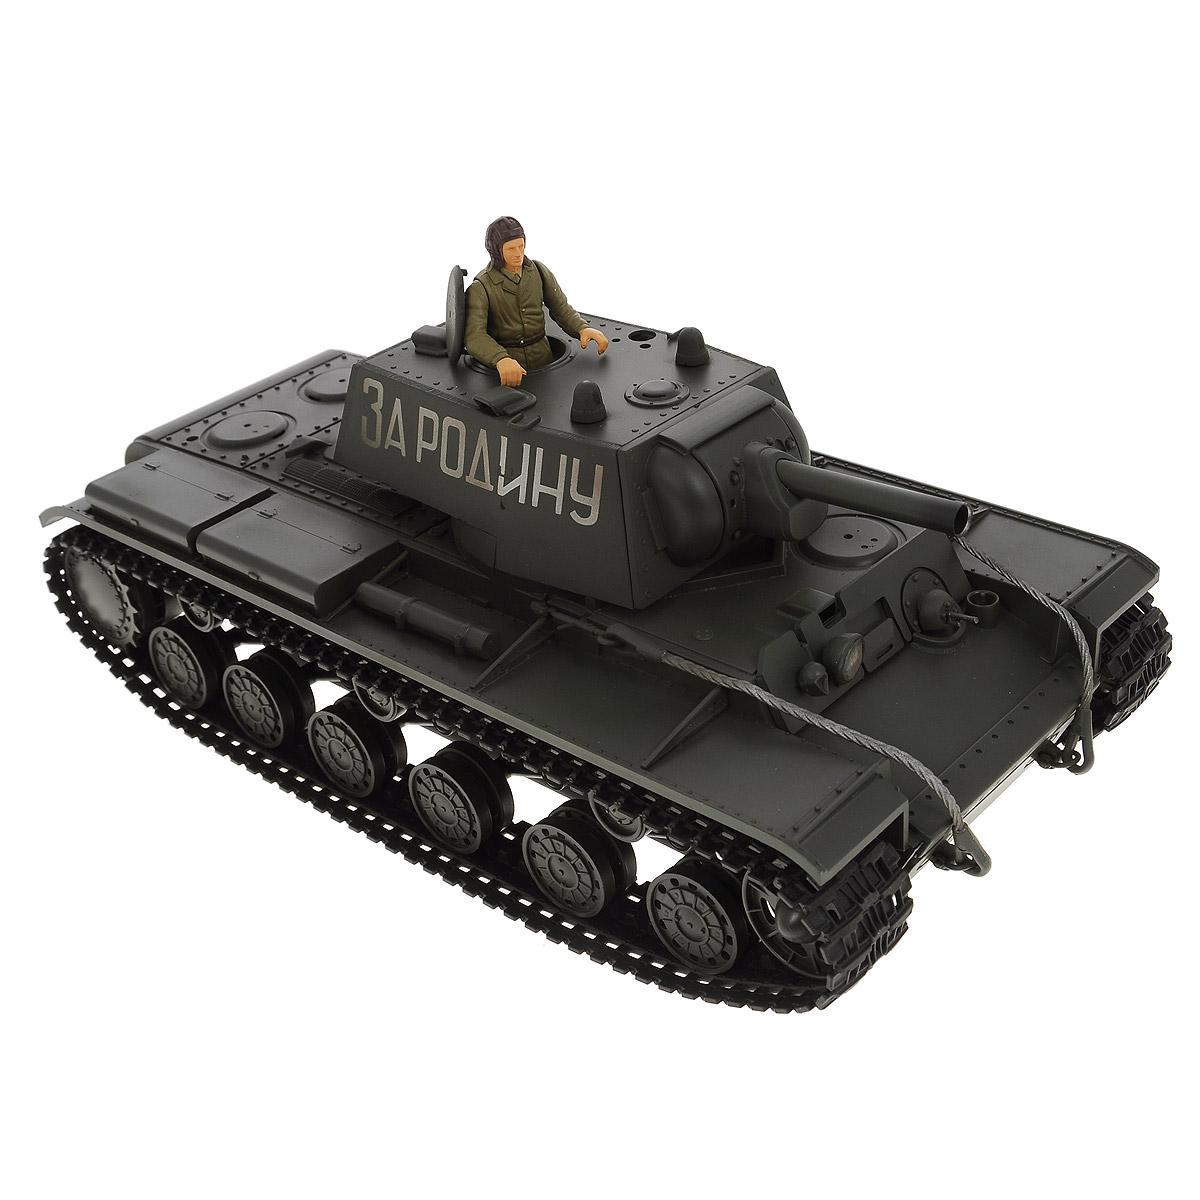 """Радиоуправляемый танк VSP """"Soviet Red Army KV-1"""" - это реалистичная коллекционная модель в масштабе 1/24. Она представляет собой уменьшенную копию советского тяжелого танка времен Второй мировой войны, известного как """"КВ-1"""" (Клим Ворошилов). Эта модель танка производилась в 1939 - 1942-х годах, участвовала в Советско-Финской войне, и обладала мощной защитой для своего времени. Пульт управления работает на частоте 2,4 ГГц и оснащен светодиодной подсветкой голубого цвета. Система Airsoft обеспечивает постоянное движение танка и стрельбу из пневматической пушки. Данная модель может стрелять мягкими (пневматическими) BB шариками, поэтому имеет возрастное ограничение от 14 лет. Благодаря работе на частоте 2,4 ГГц танк будет легко сопрягаться с пультом управления. Новые электронные схемы, примененные в этом пульте, позволяют принимать участие в игровых сражениях одновременно 16 танкам. Радиус управления заметно увеличился и составляет 40-50 метров на..."""